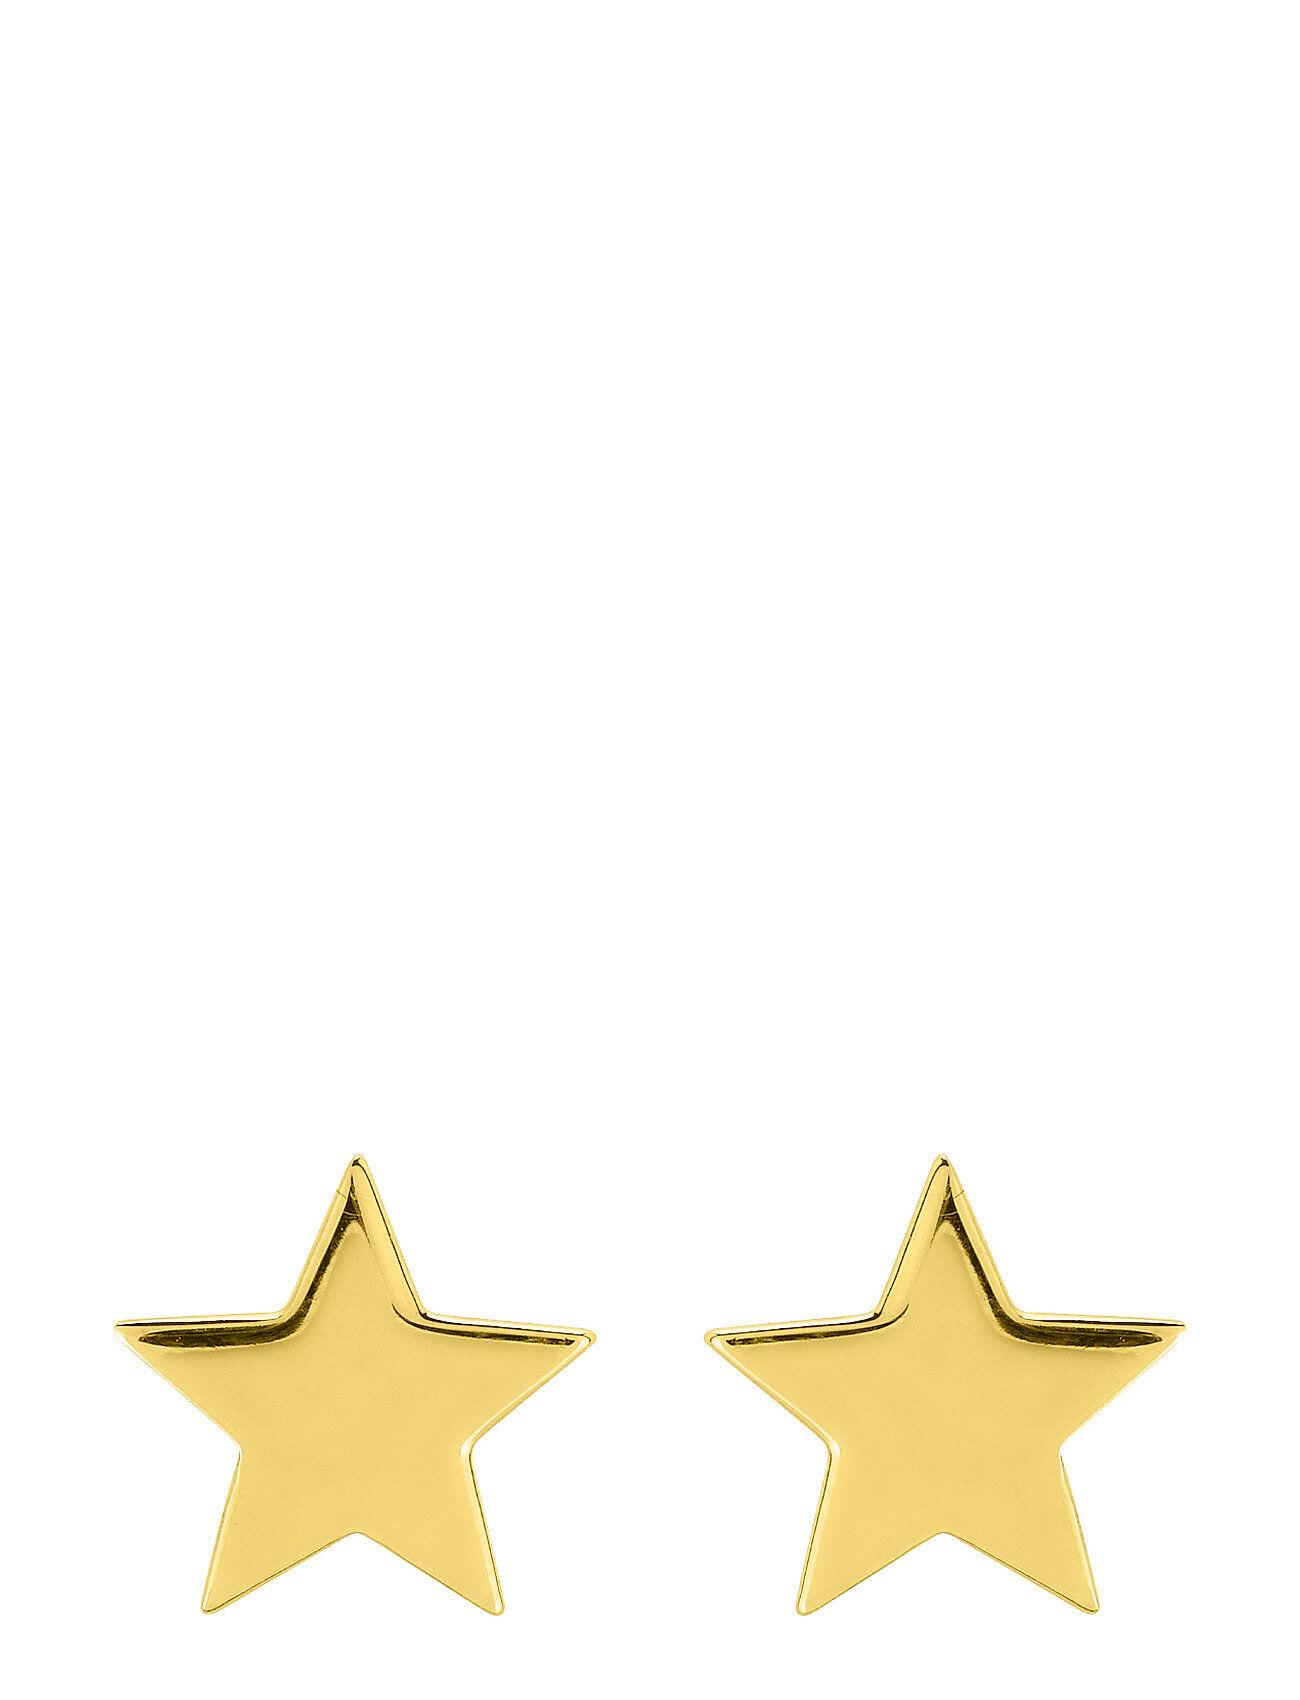 SOPHIE by SOPHIE Star Mini Studs Accessories Jewellery Earrings Studs Kulta SOPHIE By SOPHIE